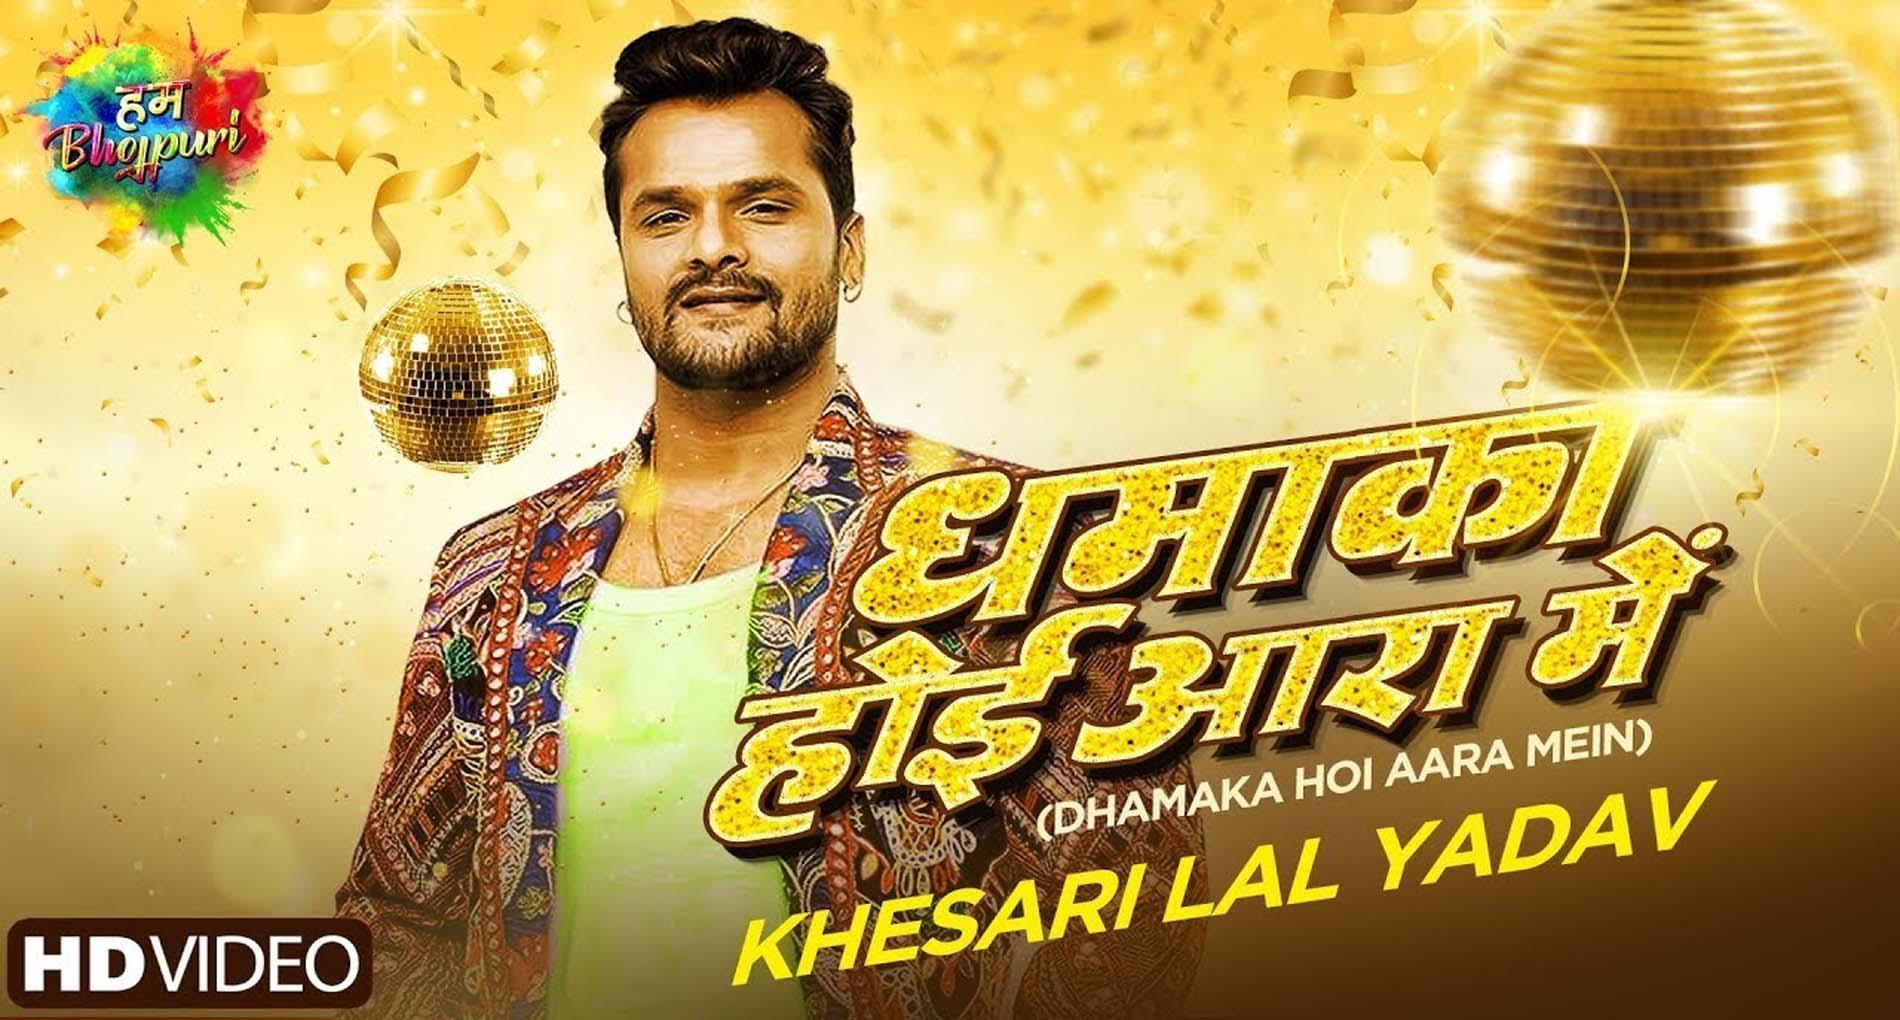 Khesari Lal Song: रिलीज के साथ ही खेसारी लाल के नए गाने धमाका होई आरा में का धमाल! देखें वीडियो